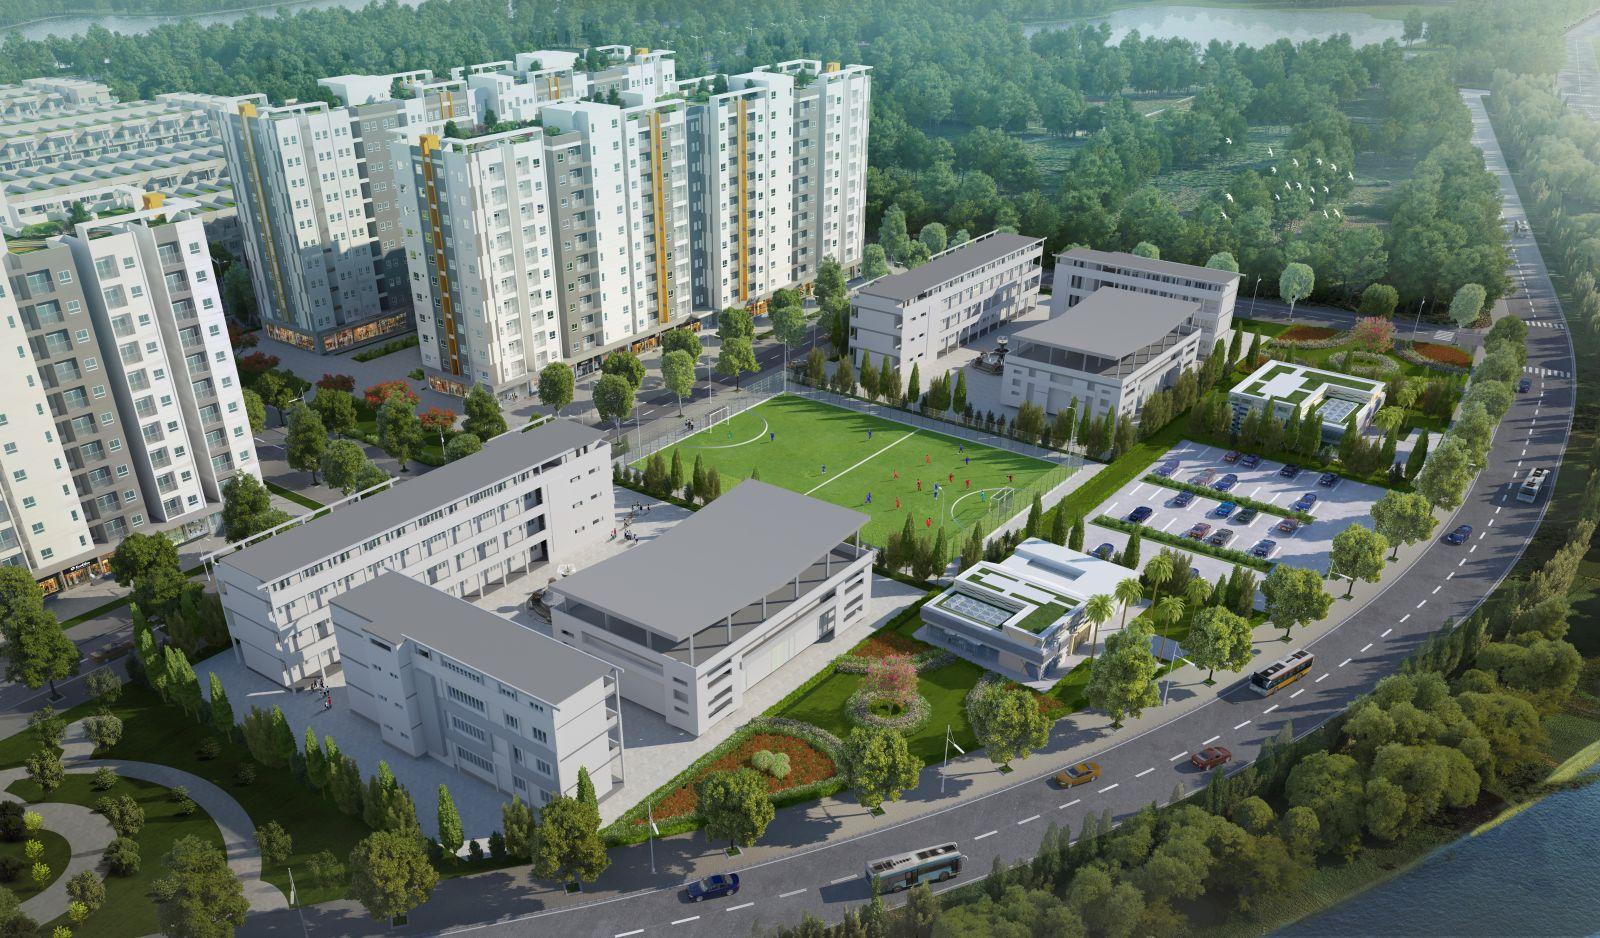 """Dành phần lớn diện tích để xây dựng không gian phát triển cộng đồng, Him Lam Green Park - """"thước đo"""" của đô thị sáng tạo và sống tốt."""